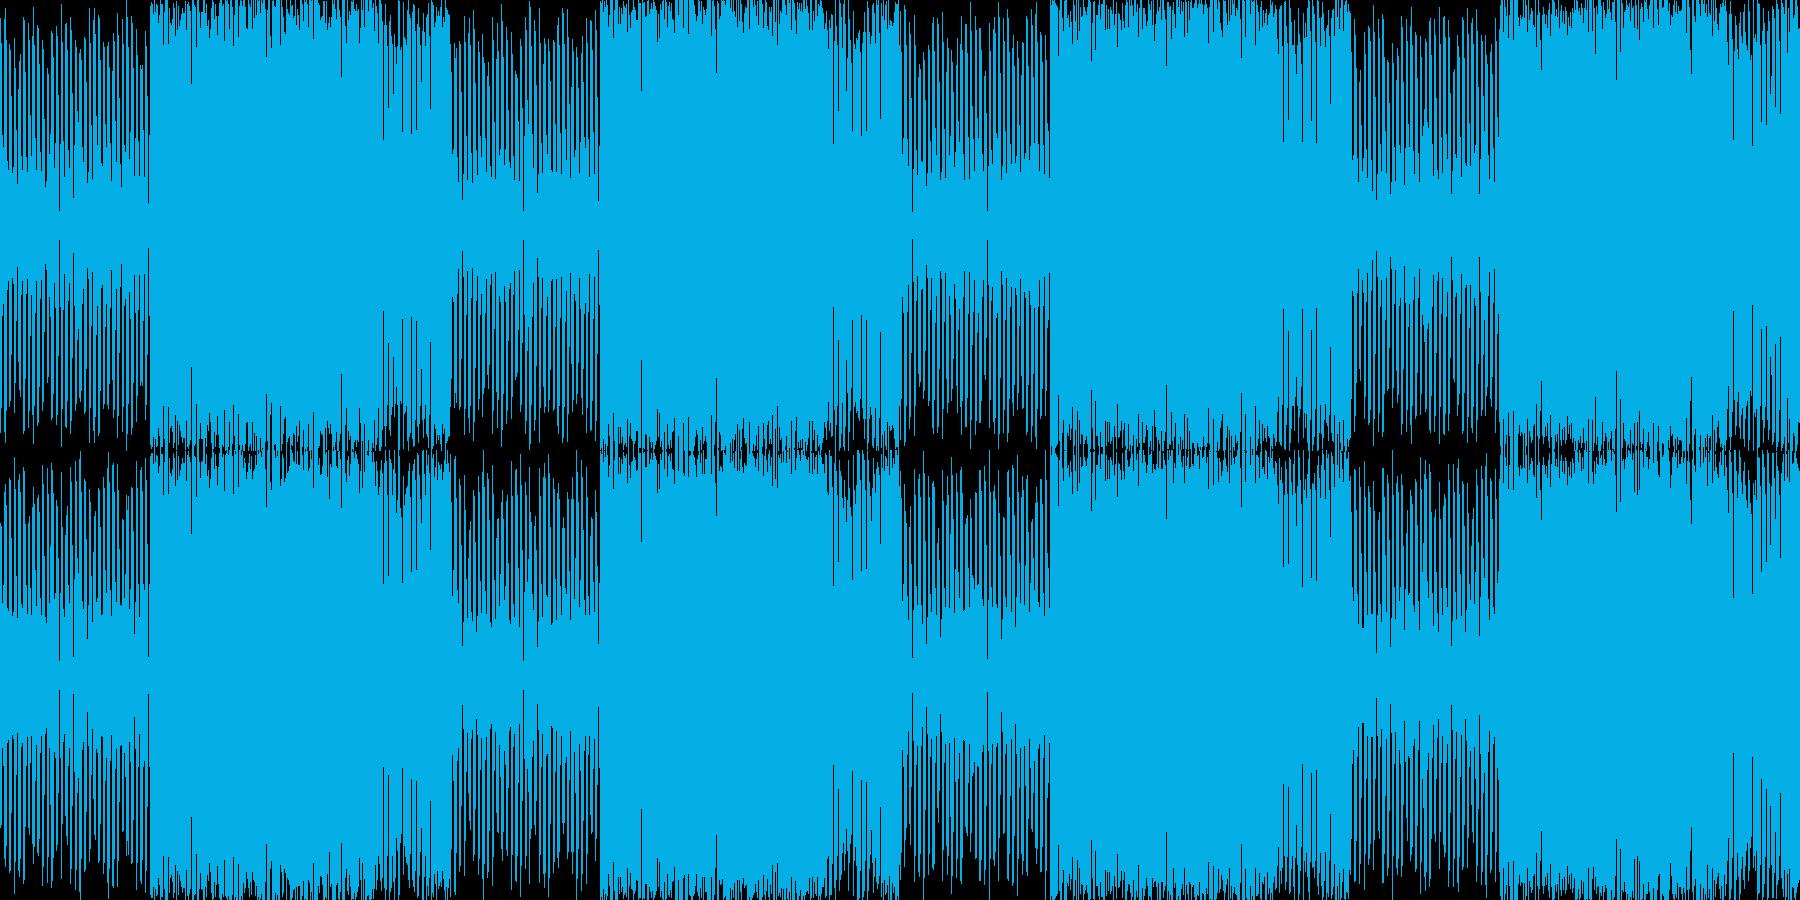 あやしい潜入映像のBGMの再生済みの波形